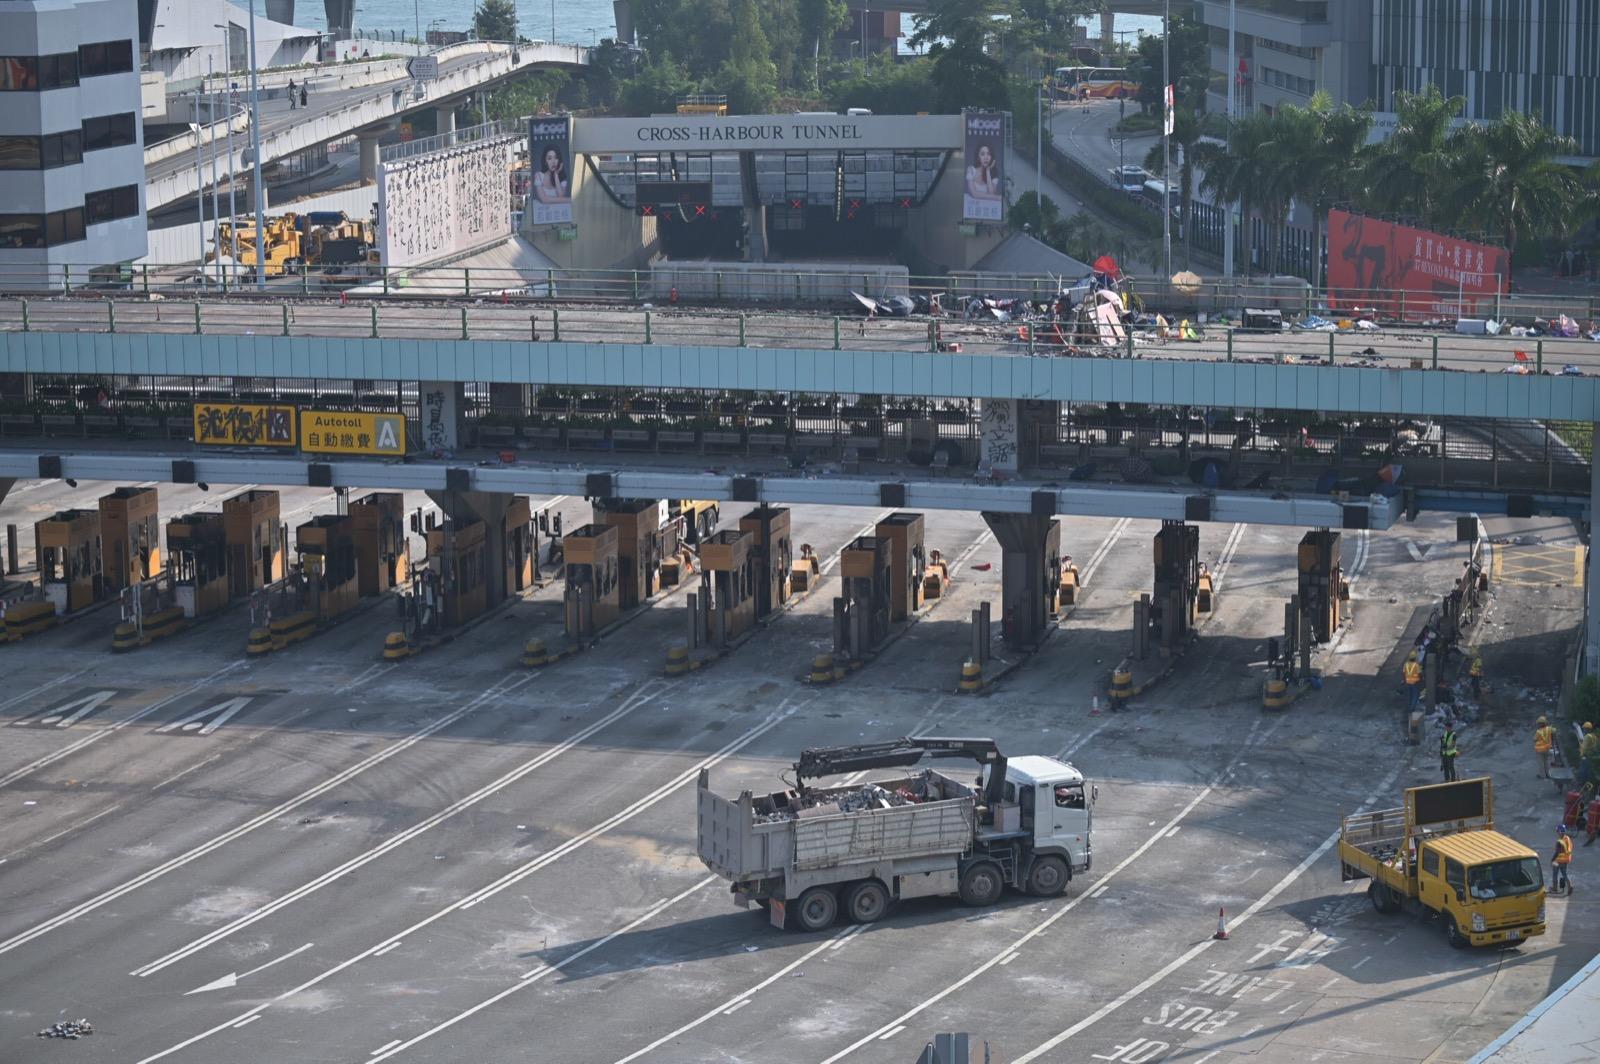 紅隧屢被破壞,至今仍未通車,政府積極考慮開通後暫時不收費。